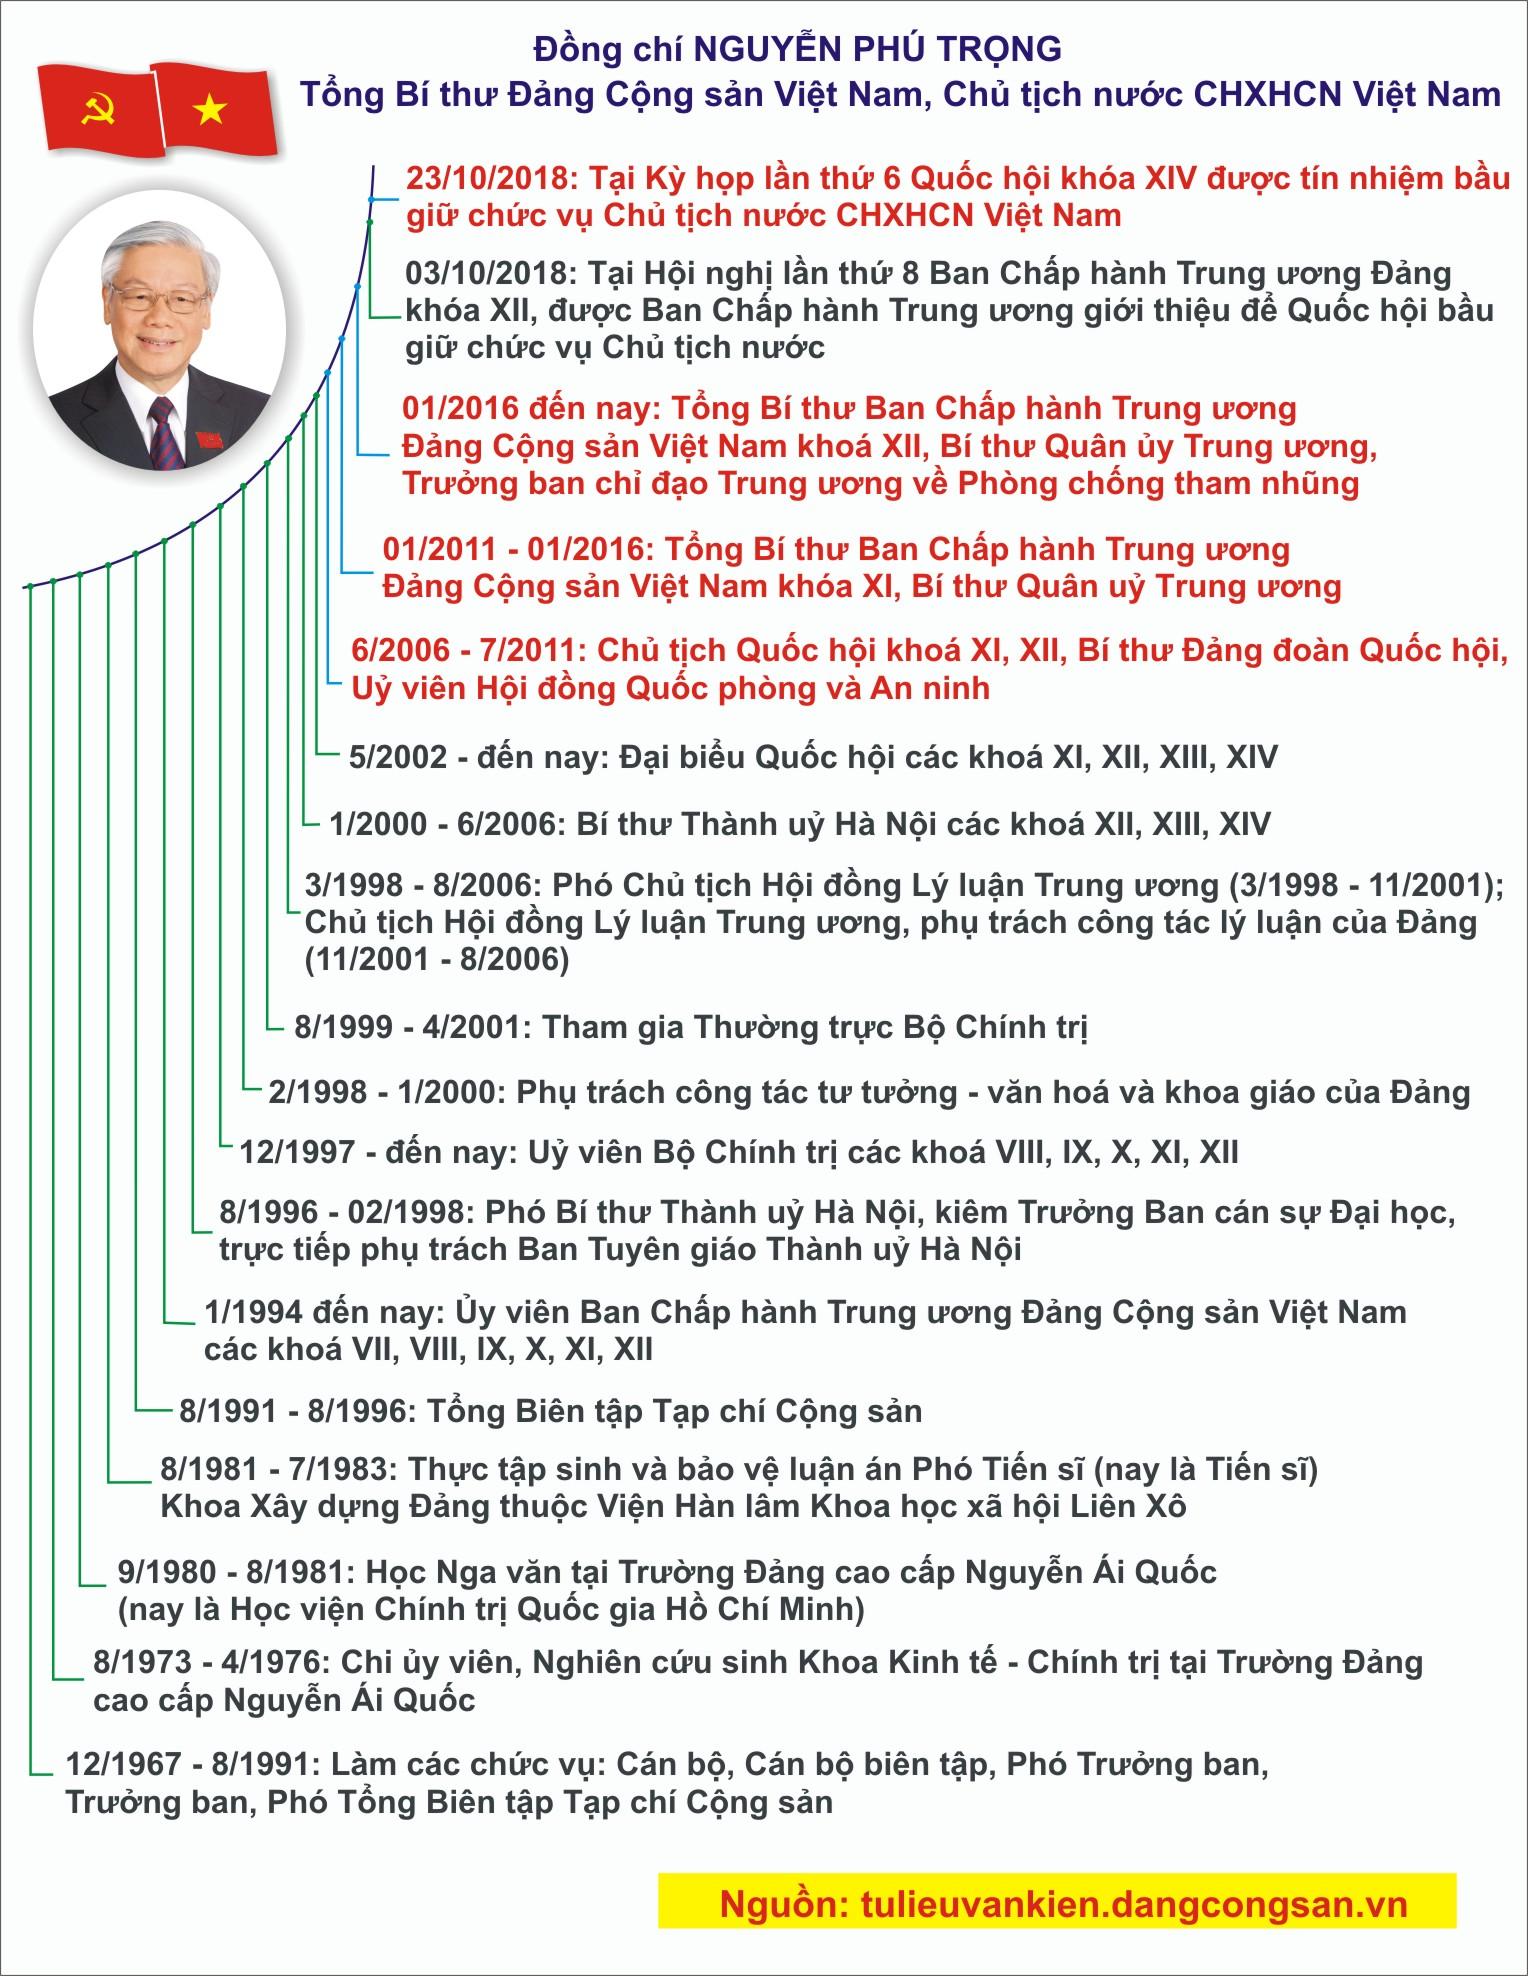 [Infographic] Tóm tắt quá trình công tác của Tổng Bí thư, Chủ tịch nước Nguyễn Phú Trọng